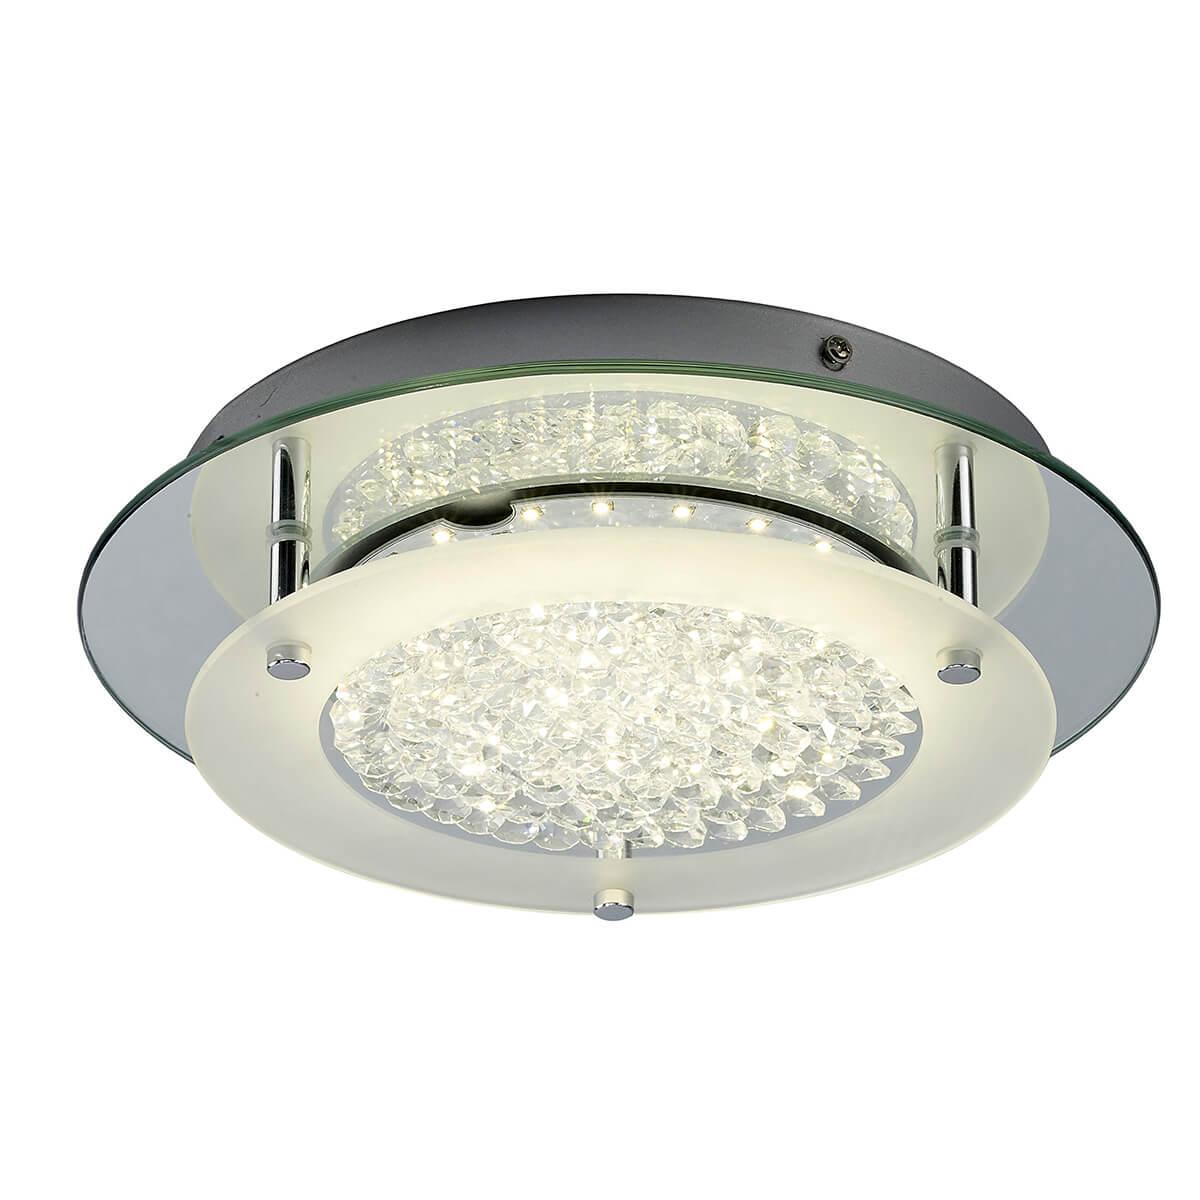 Потолочный светильник Mantra Crystal 5090 цены